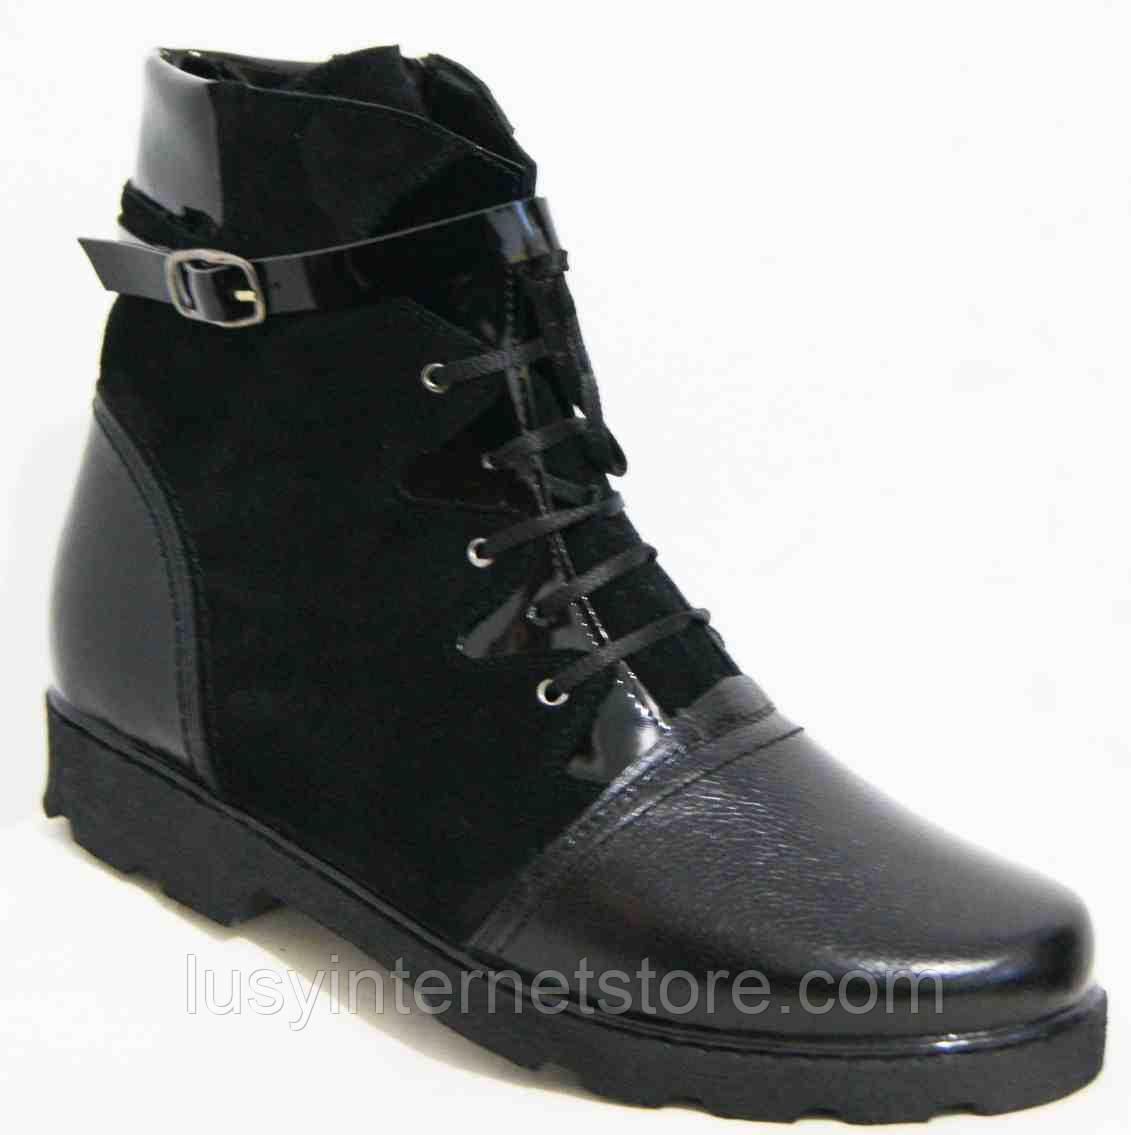 c5b05fbfe Ботинки женские зимние большого размера , женская обувь больших размеров от  производителя модель МИ5193В